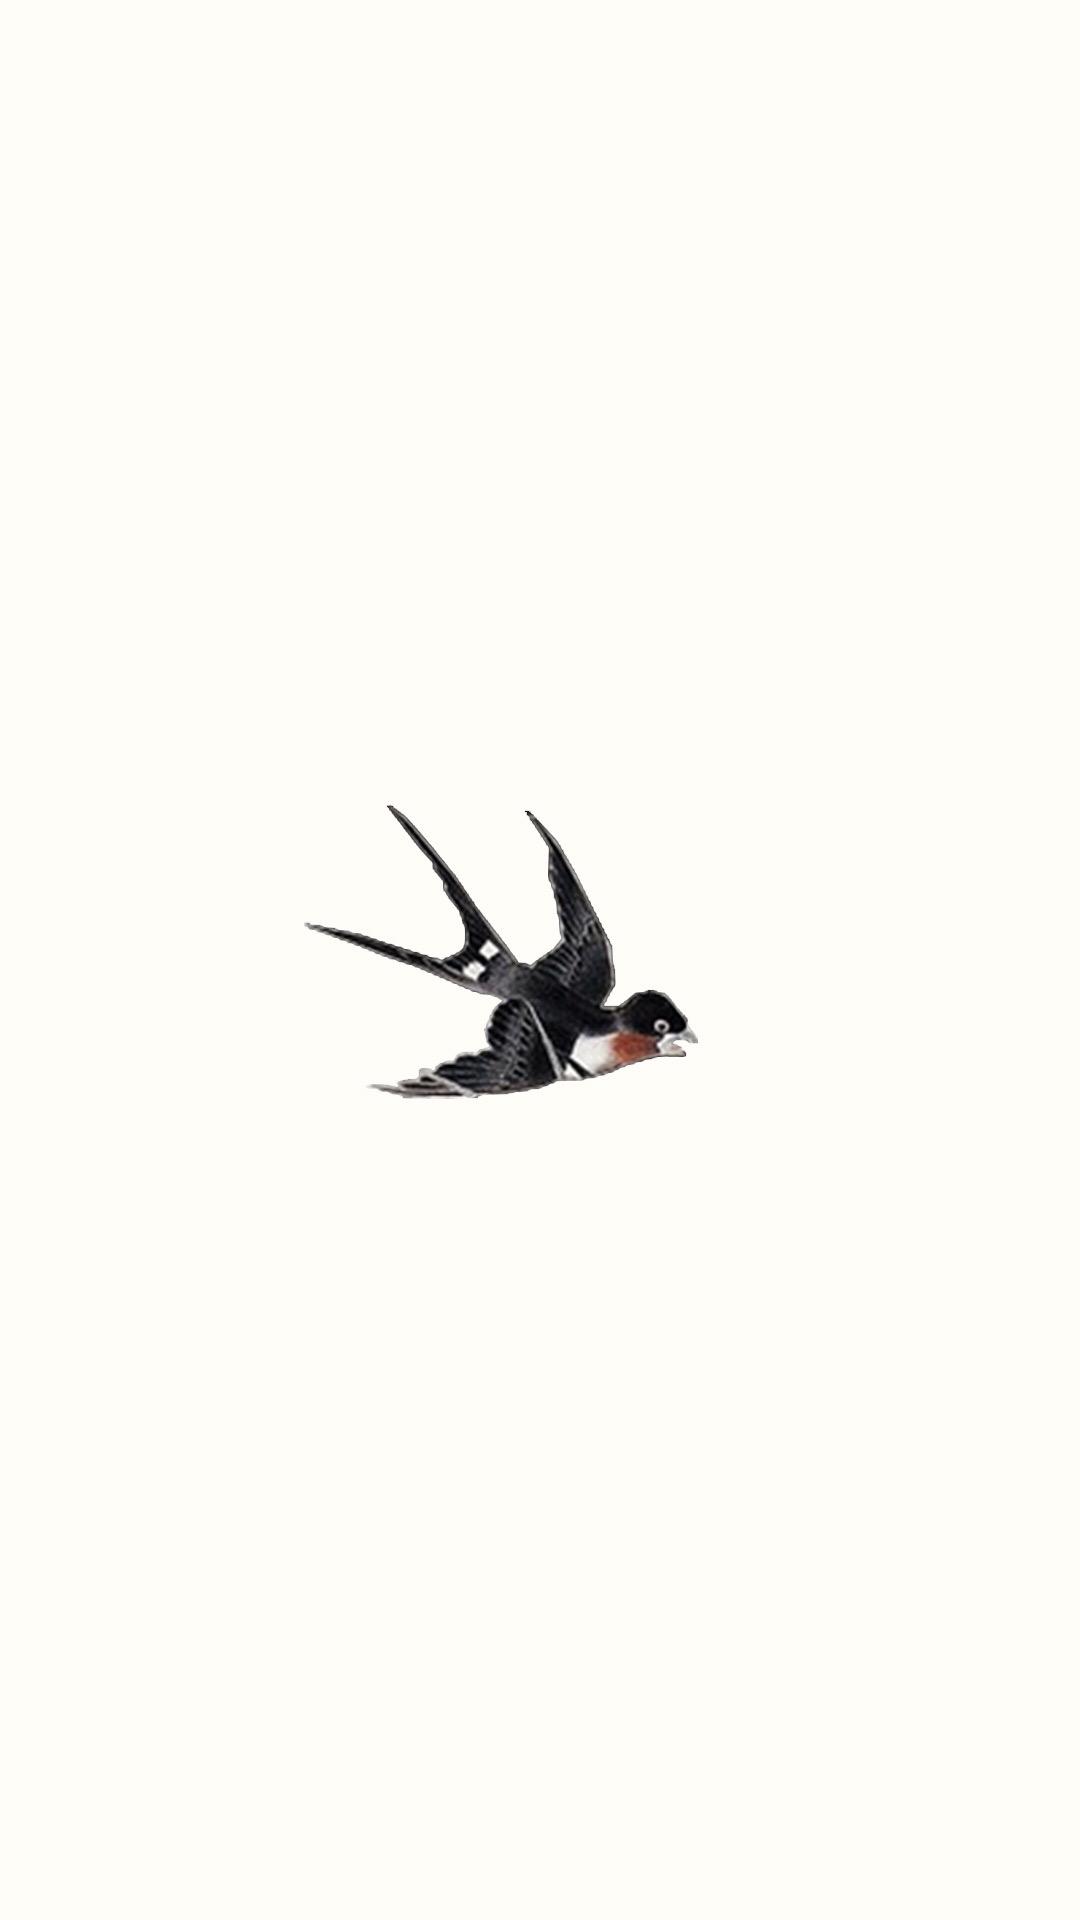 简约动物插画 燕子